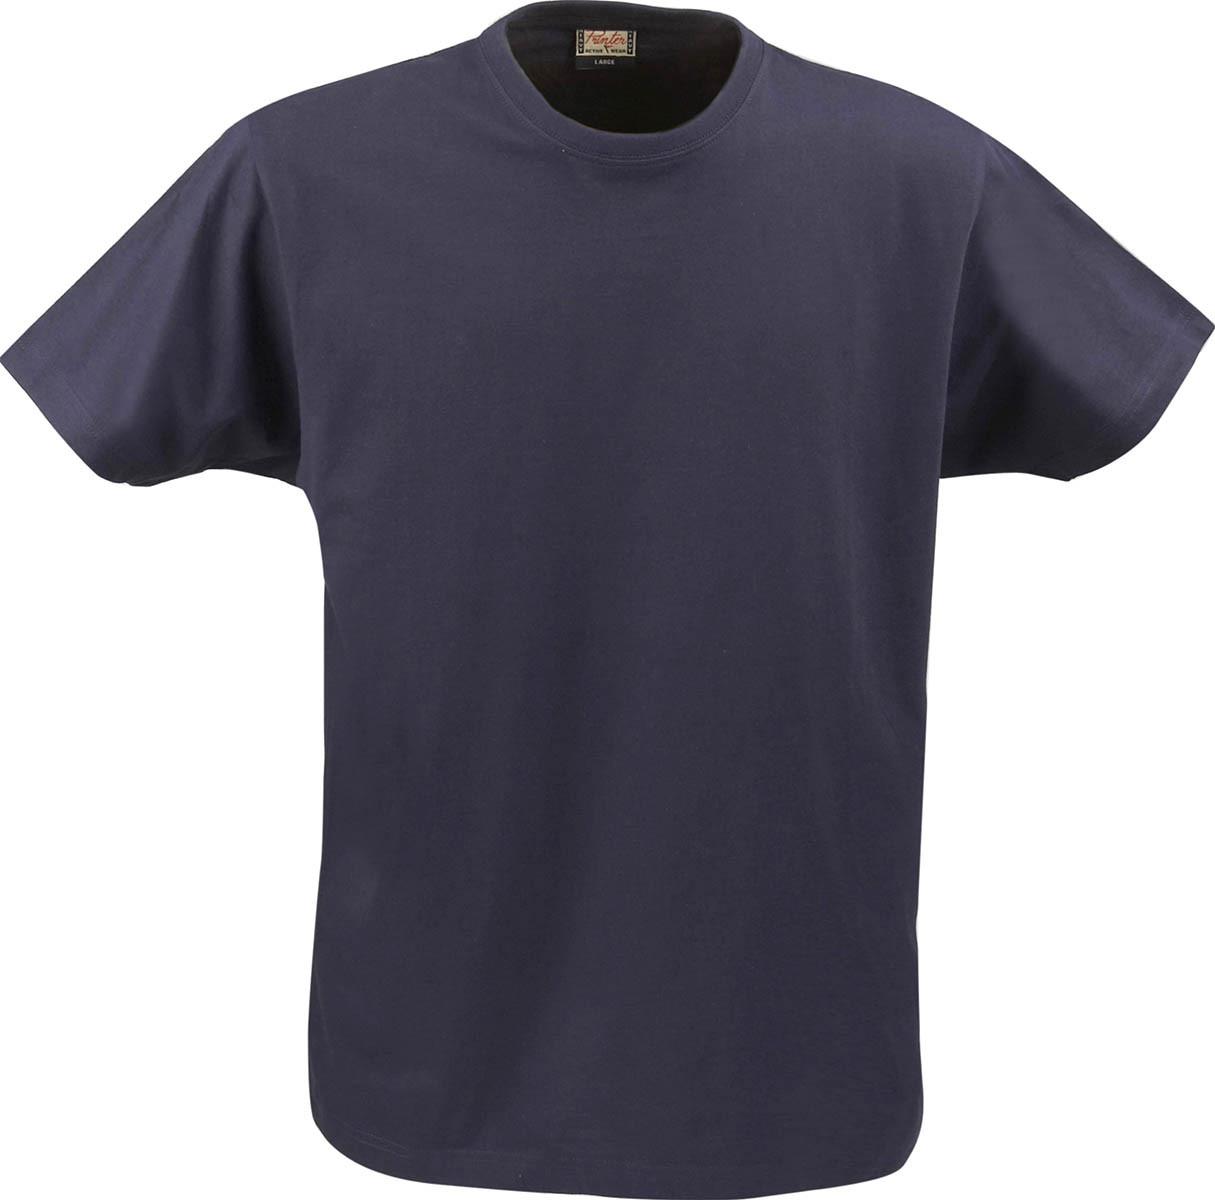 Футболка мужская RSX Heavy T-shirt от ТМ Printer (цвет темно-синий)